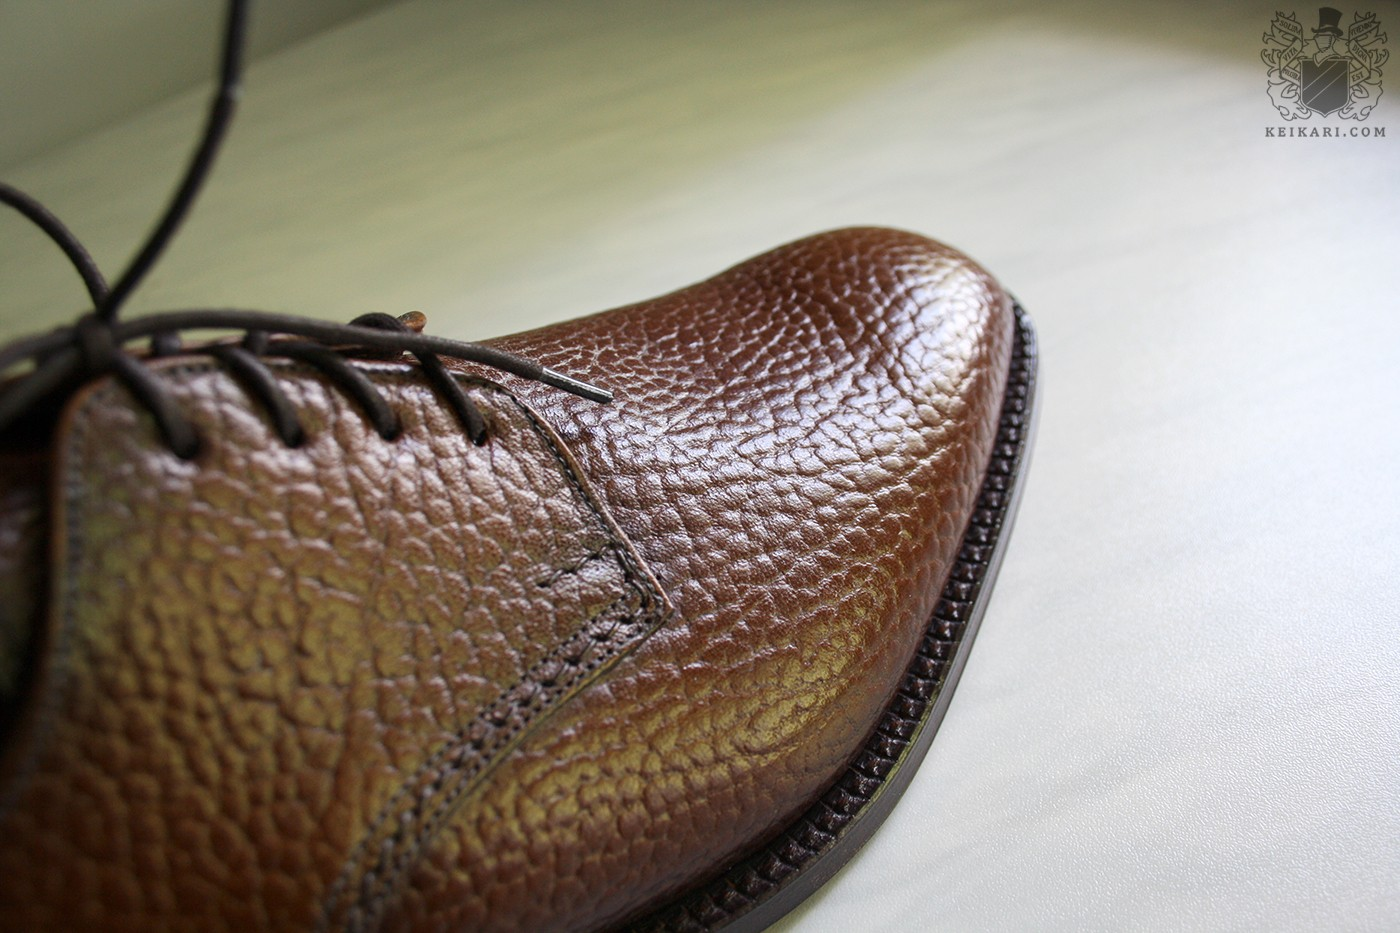 Vintage_Saxone_camel_skin_shoes_at_Keikari_dot_com08.jpg